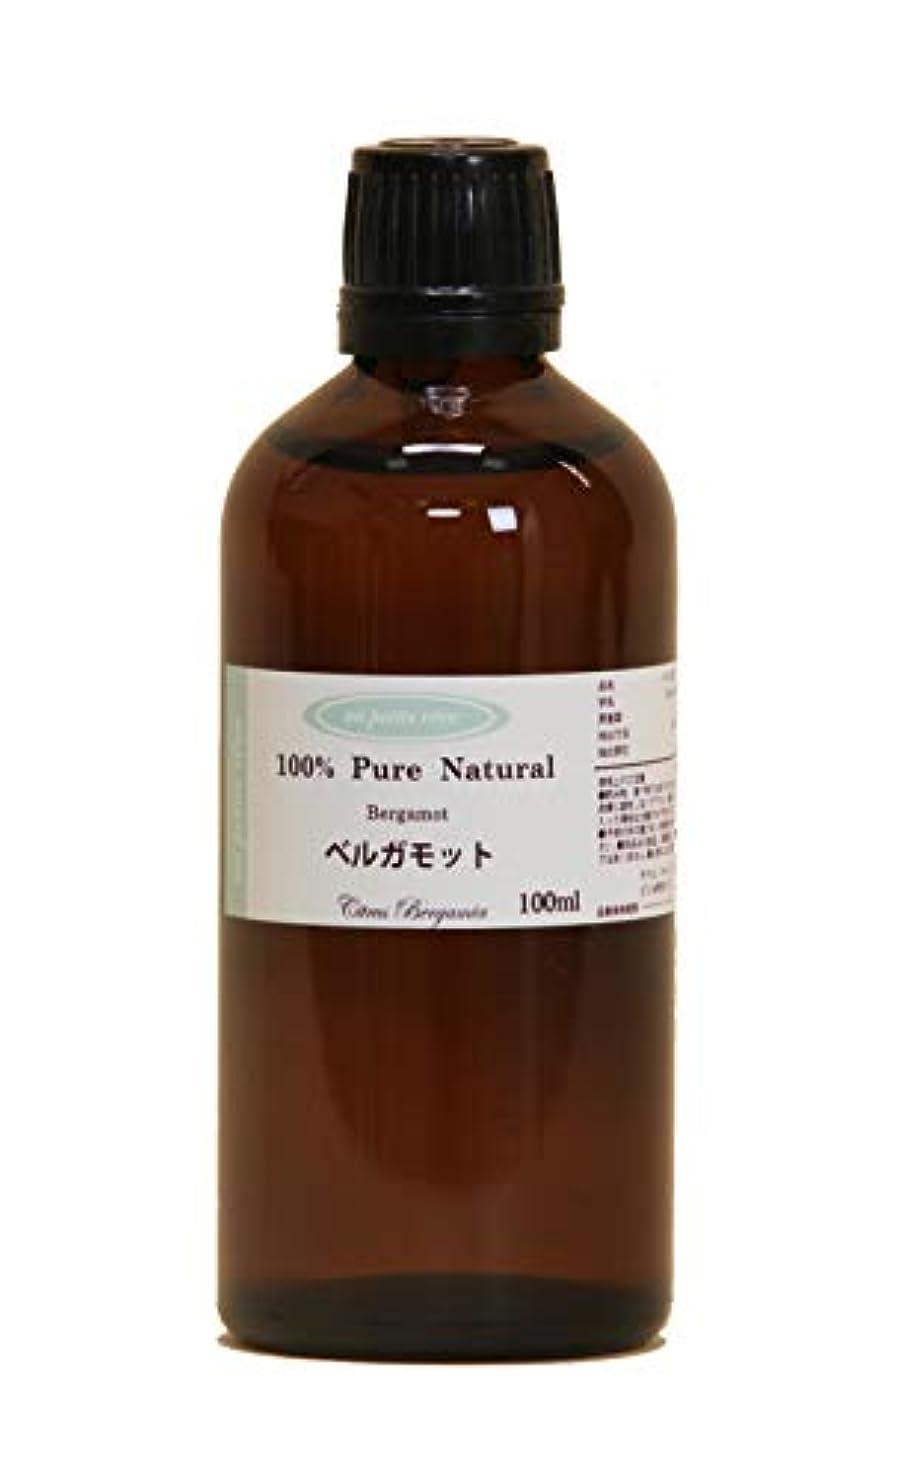 収縮中断帽子ベルガモット 100ml 100%天然アロマエッセンシャルオイル(精油)